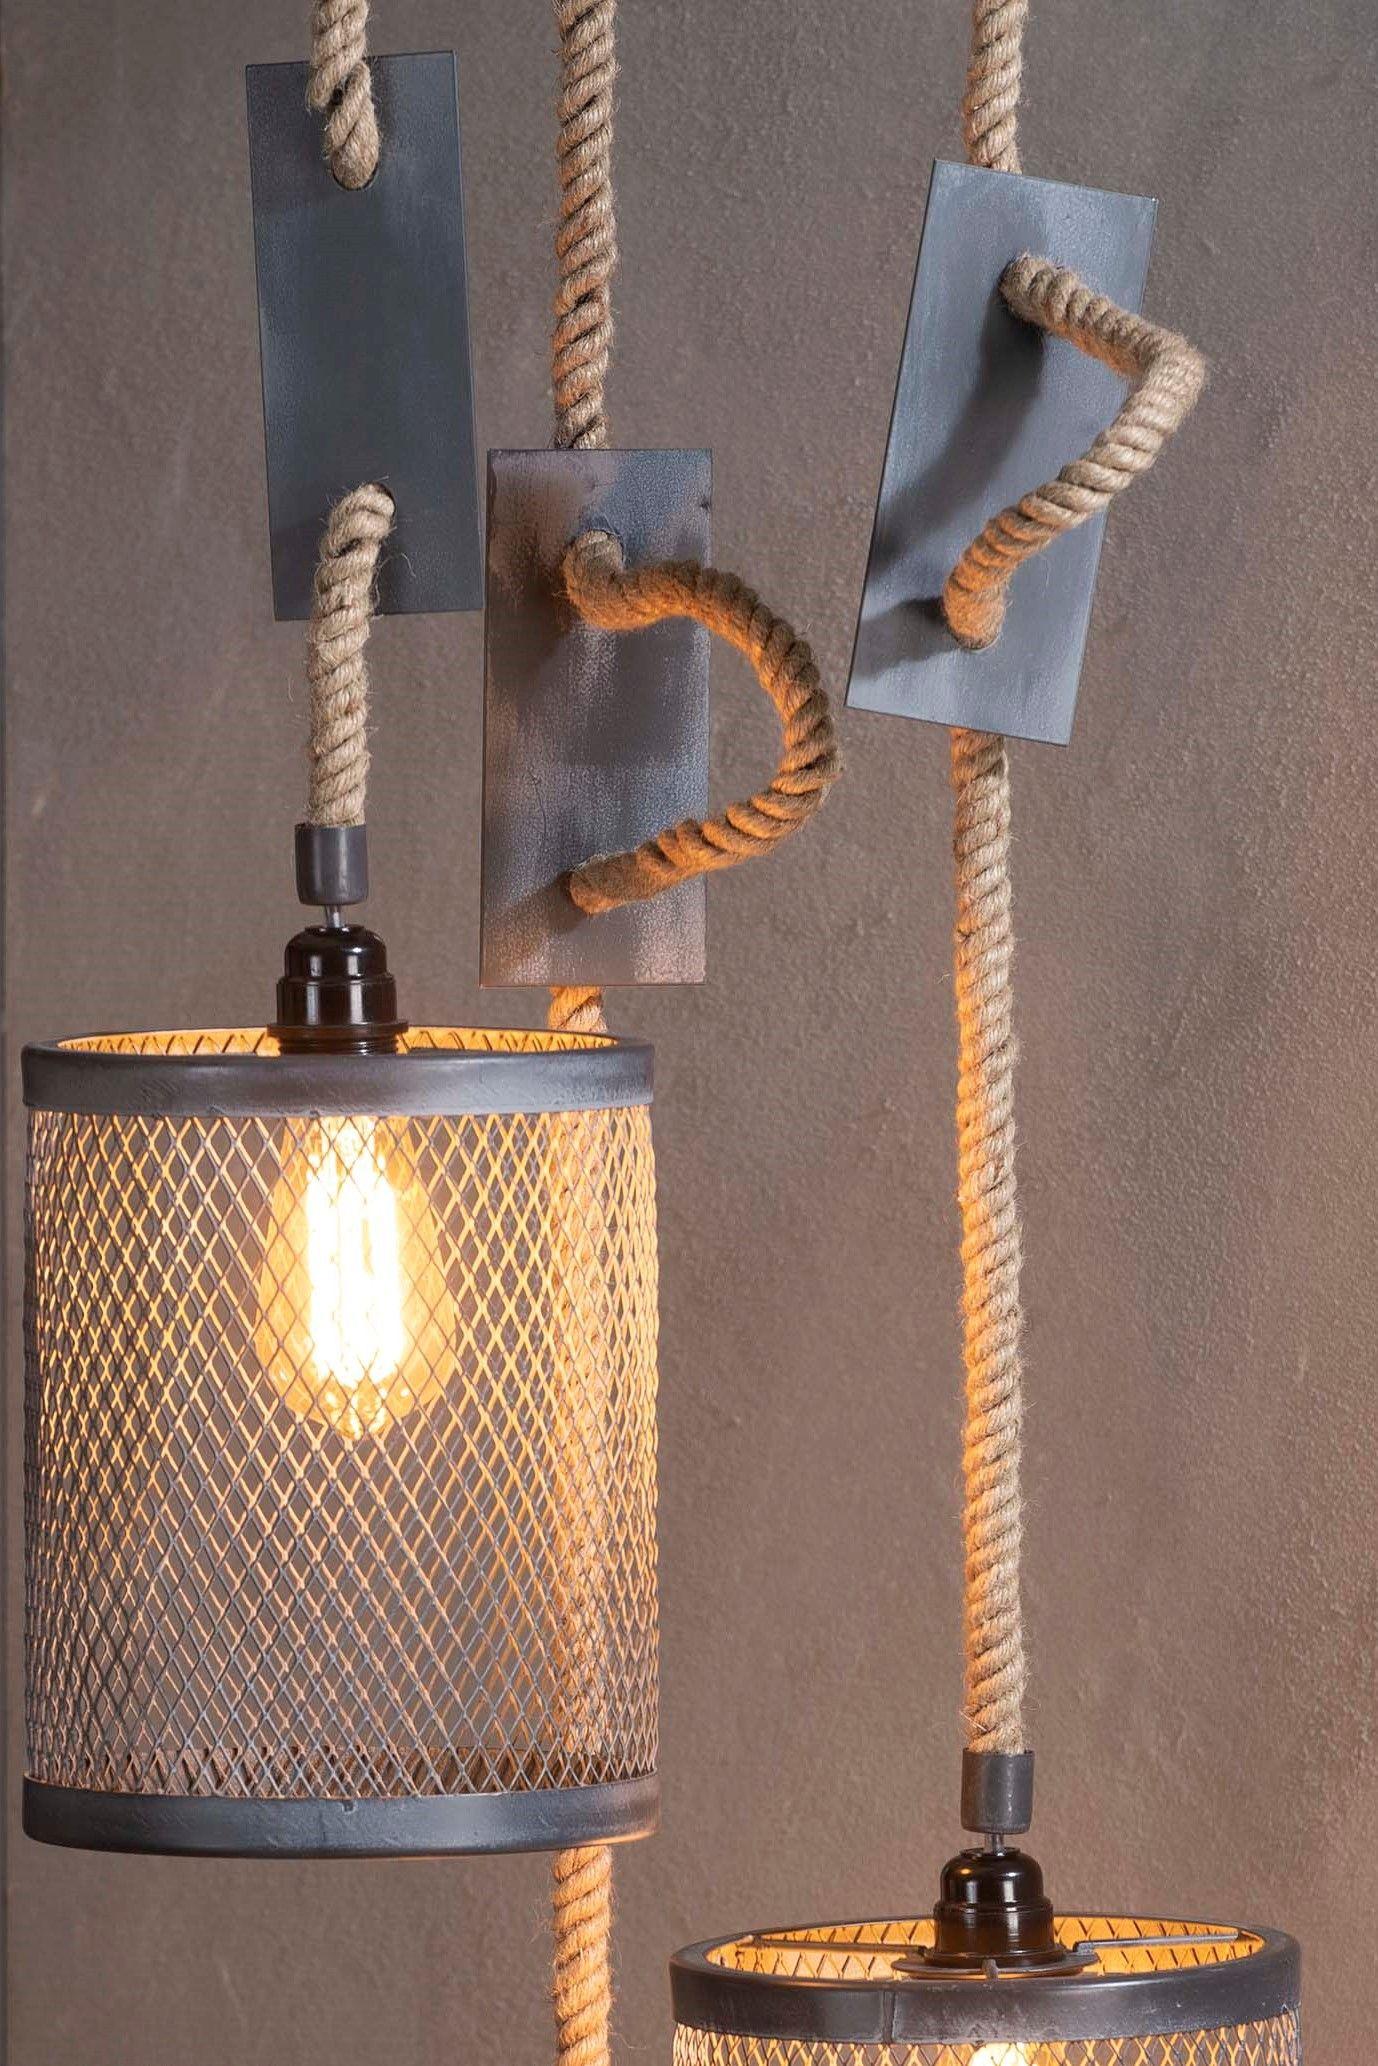 Pin Von Yurij Komar Auf Lampy In 2020 Lampe Hange Lampe Leuchten